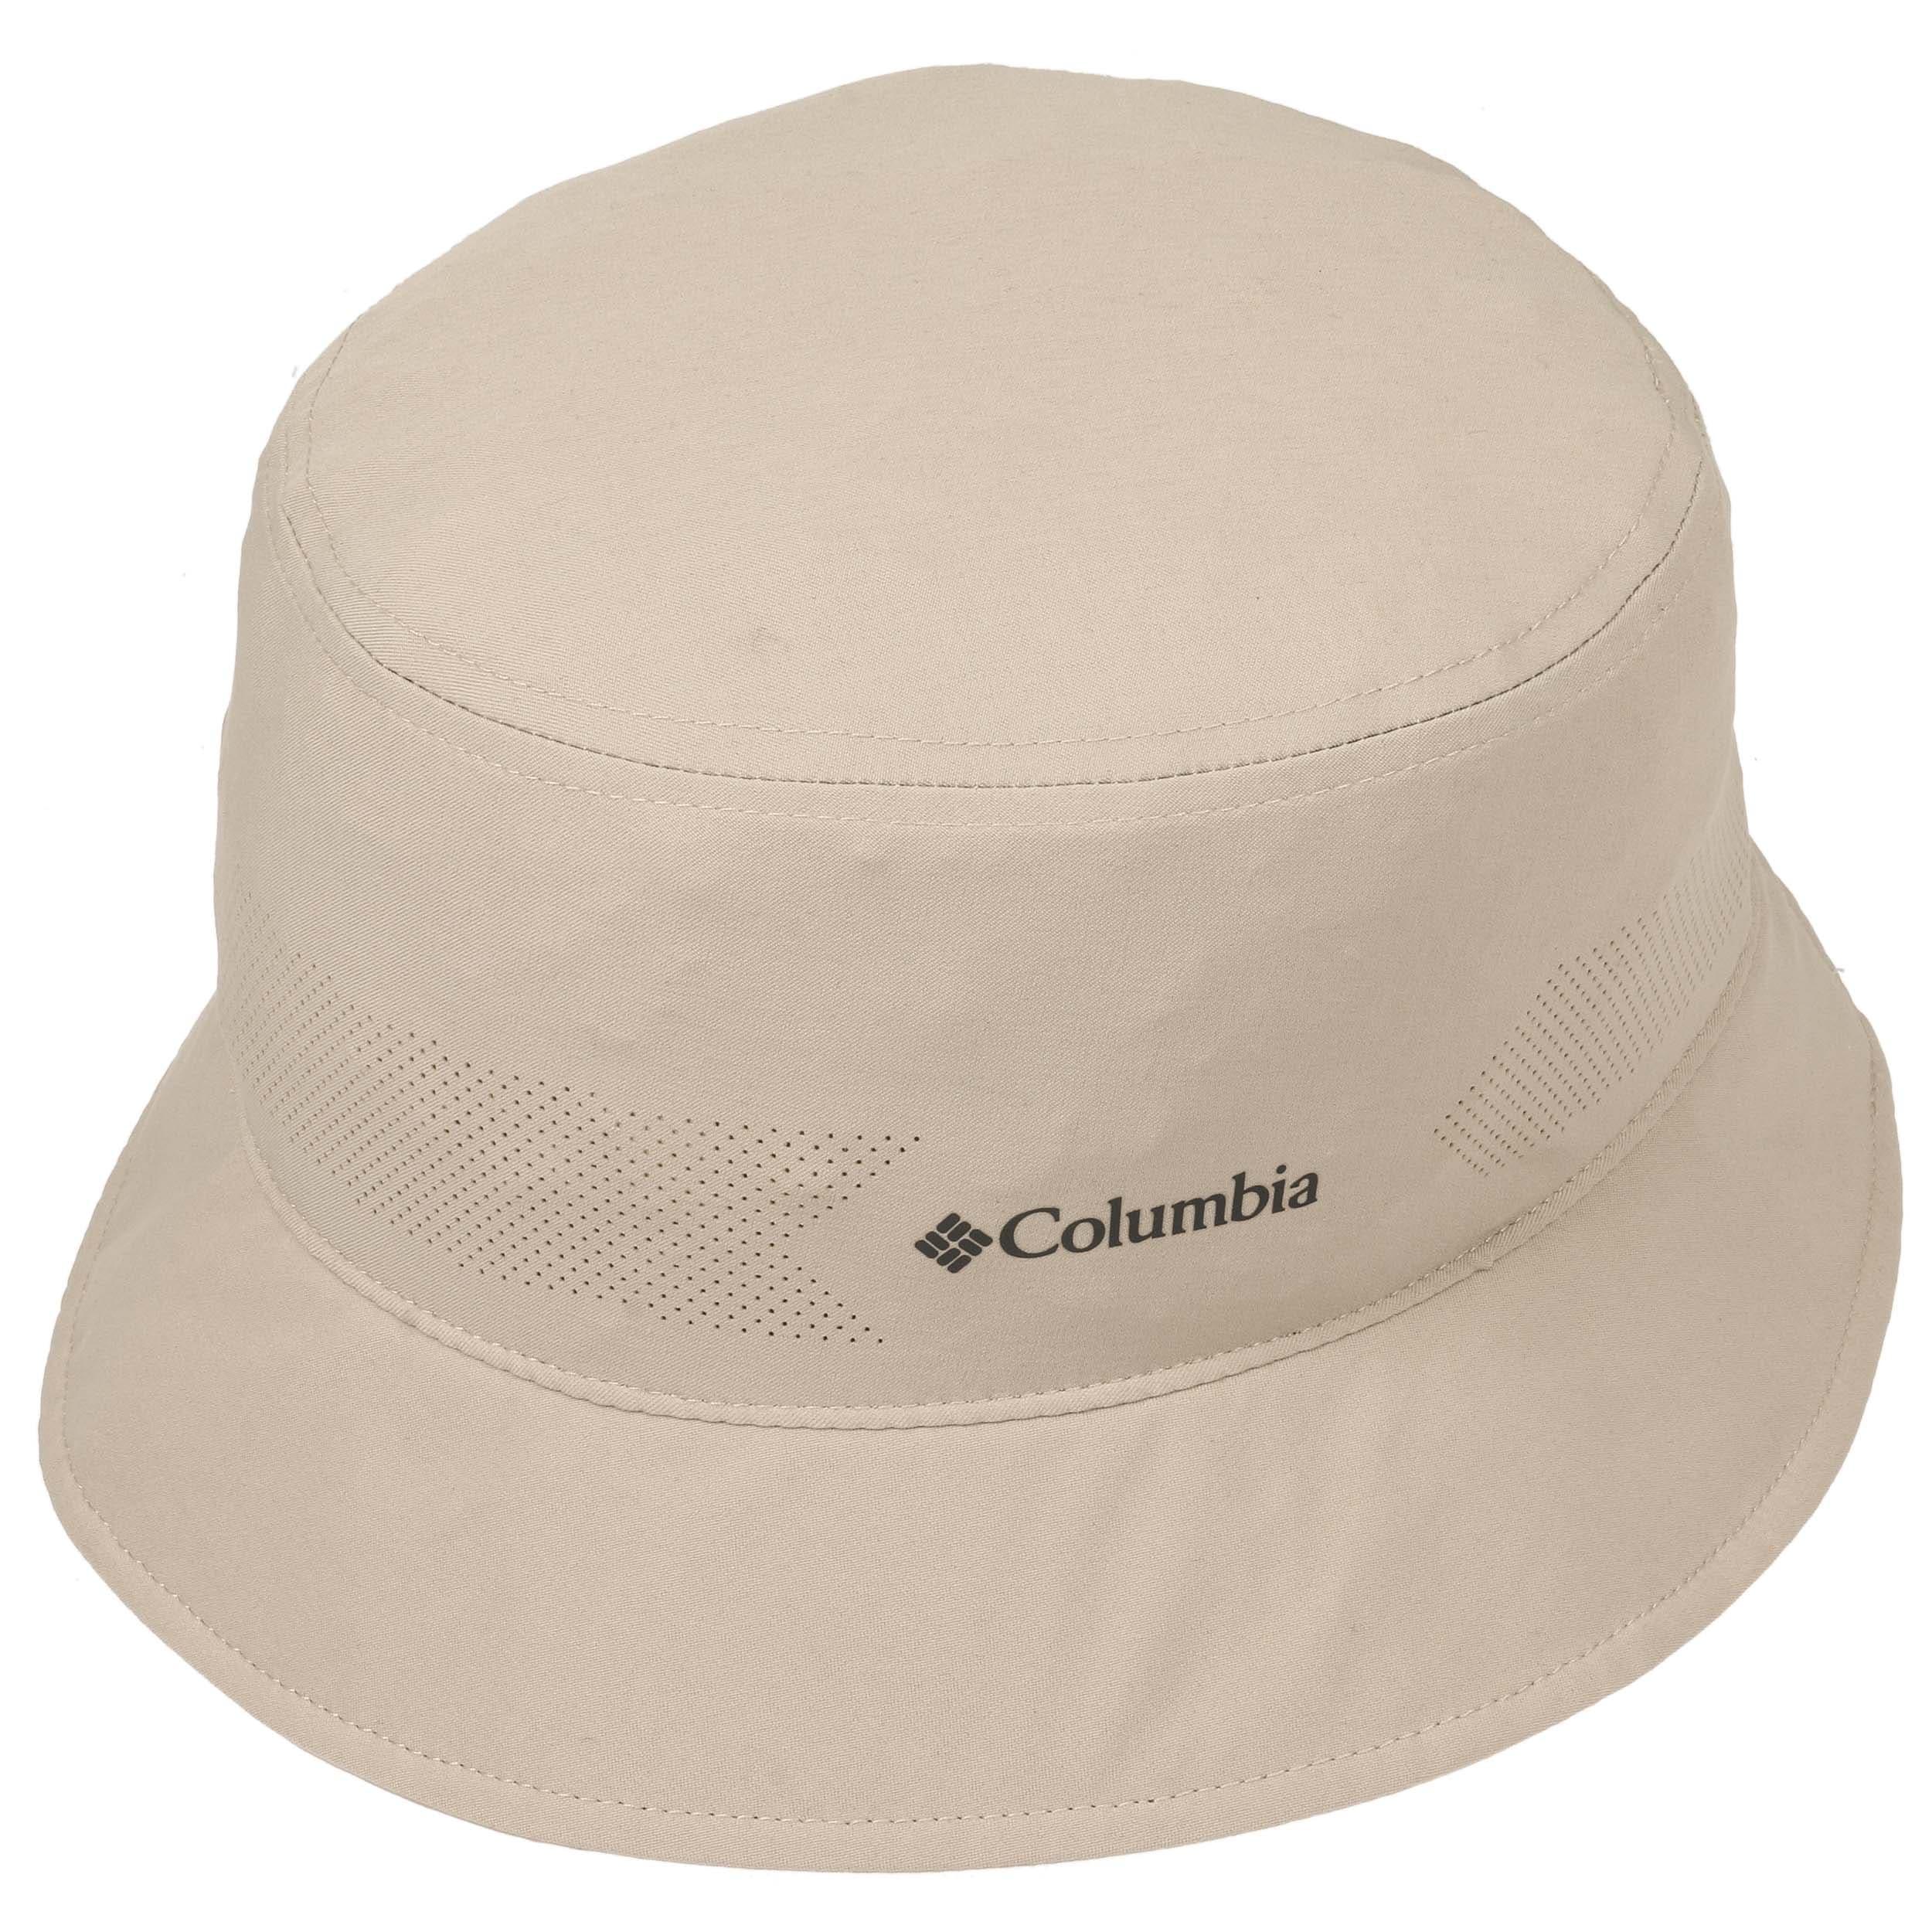 ... Silver Ridge II Bucket Hat by Columbia - beige 1 ... 2f54f775ba1c